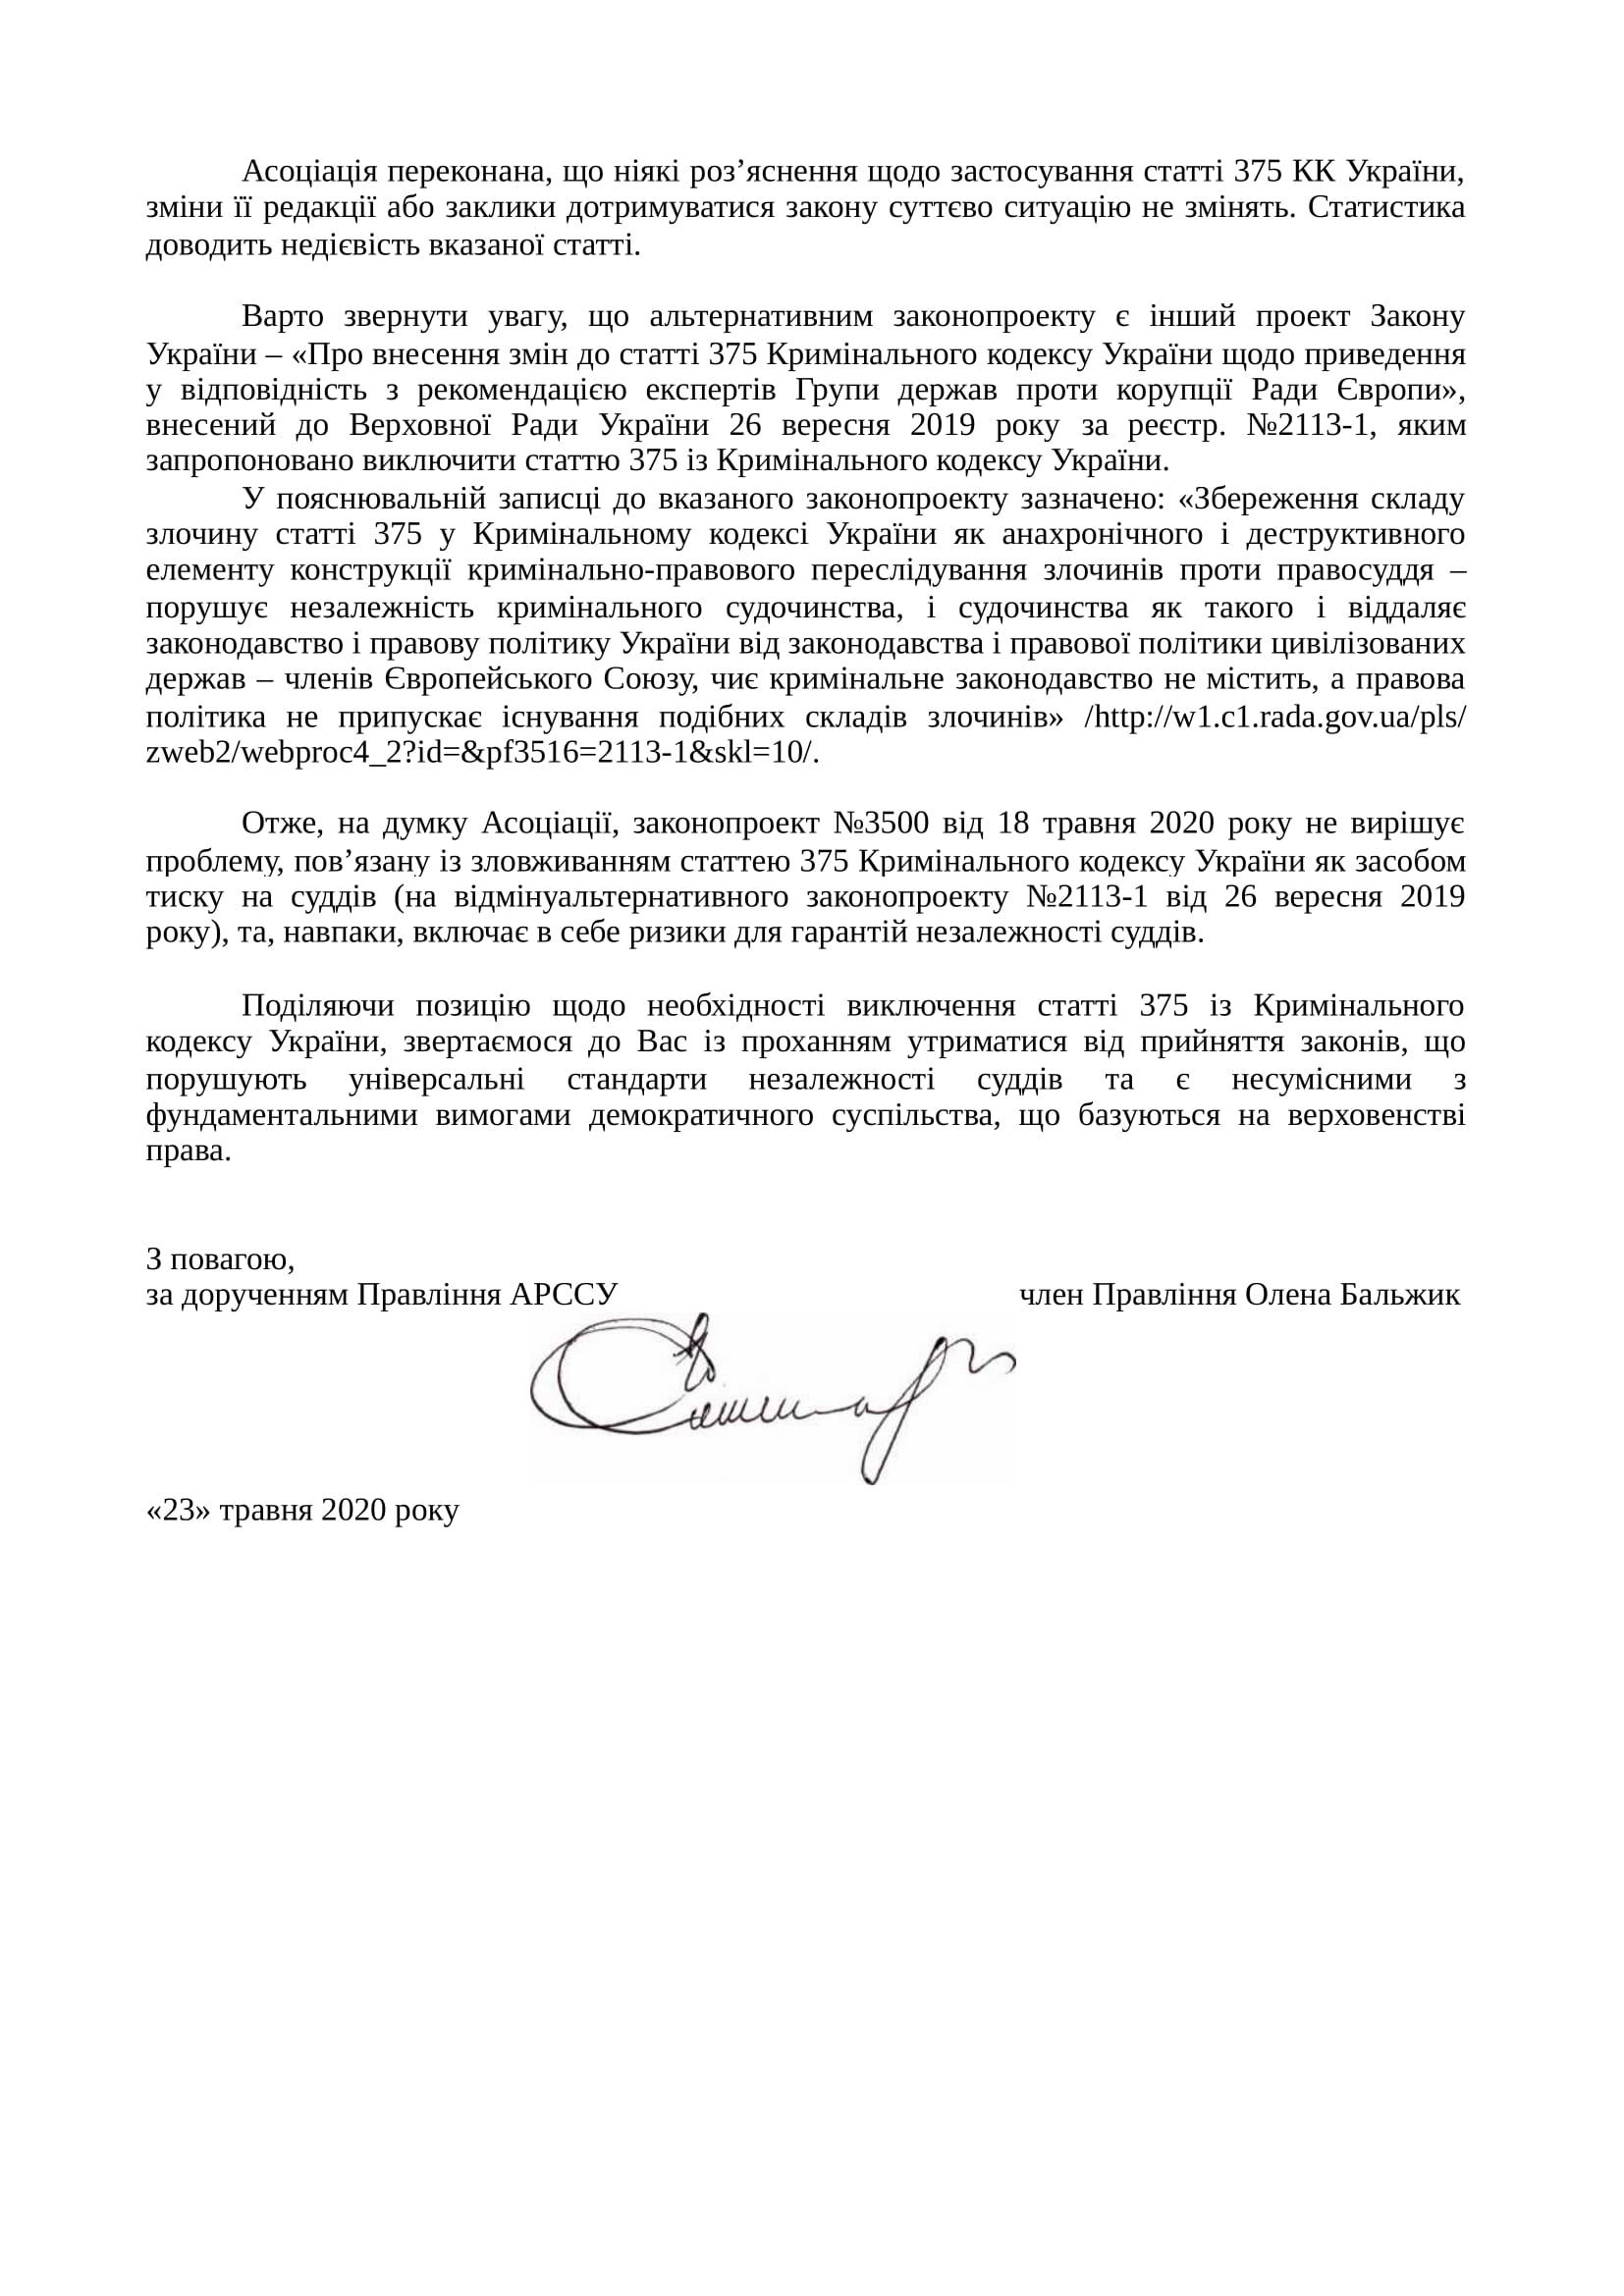 Звернення-АРССУ-до-ВРУ-5